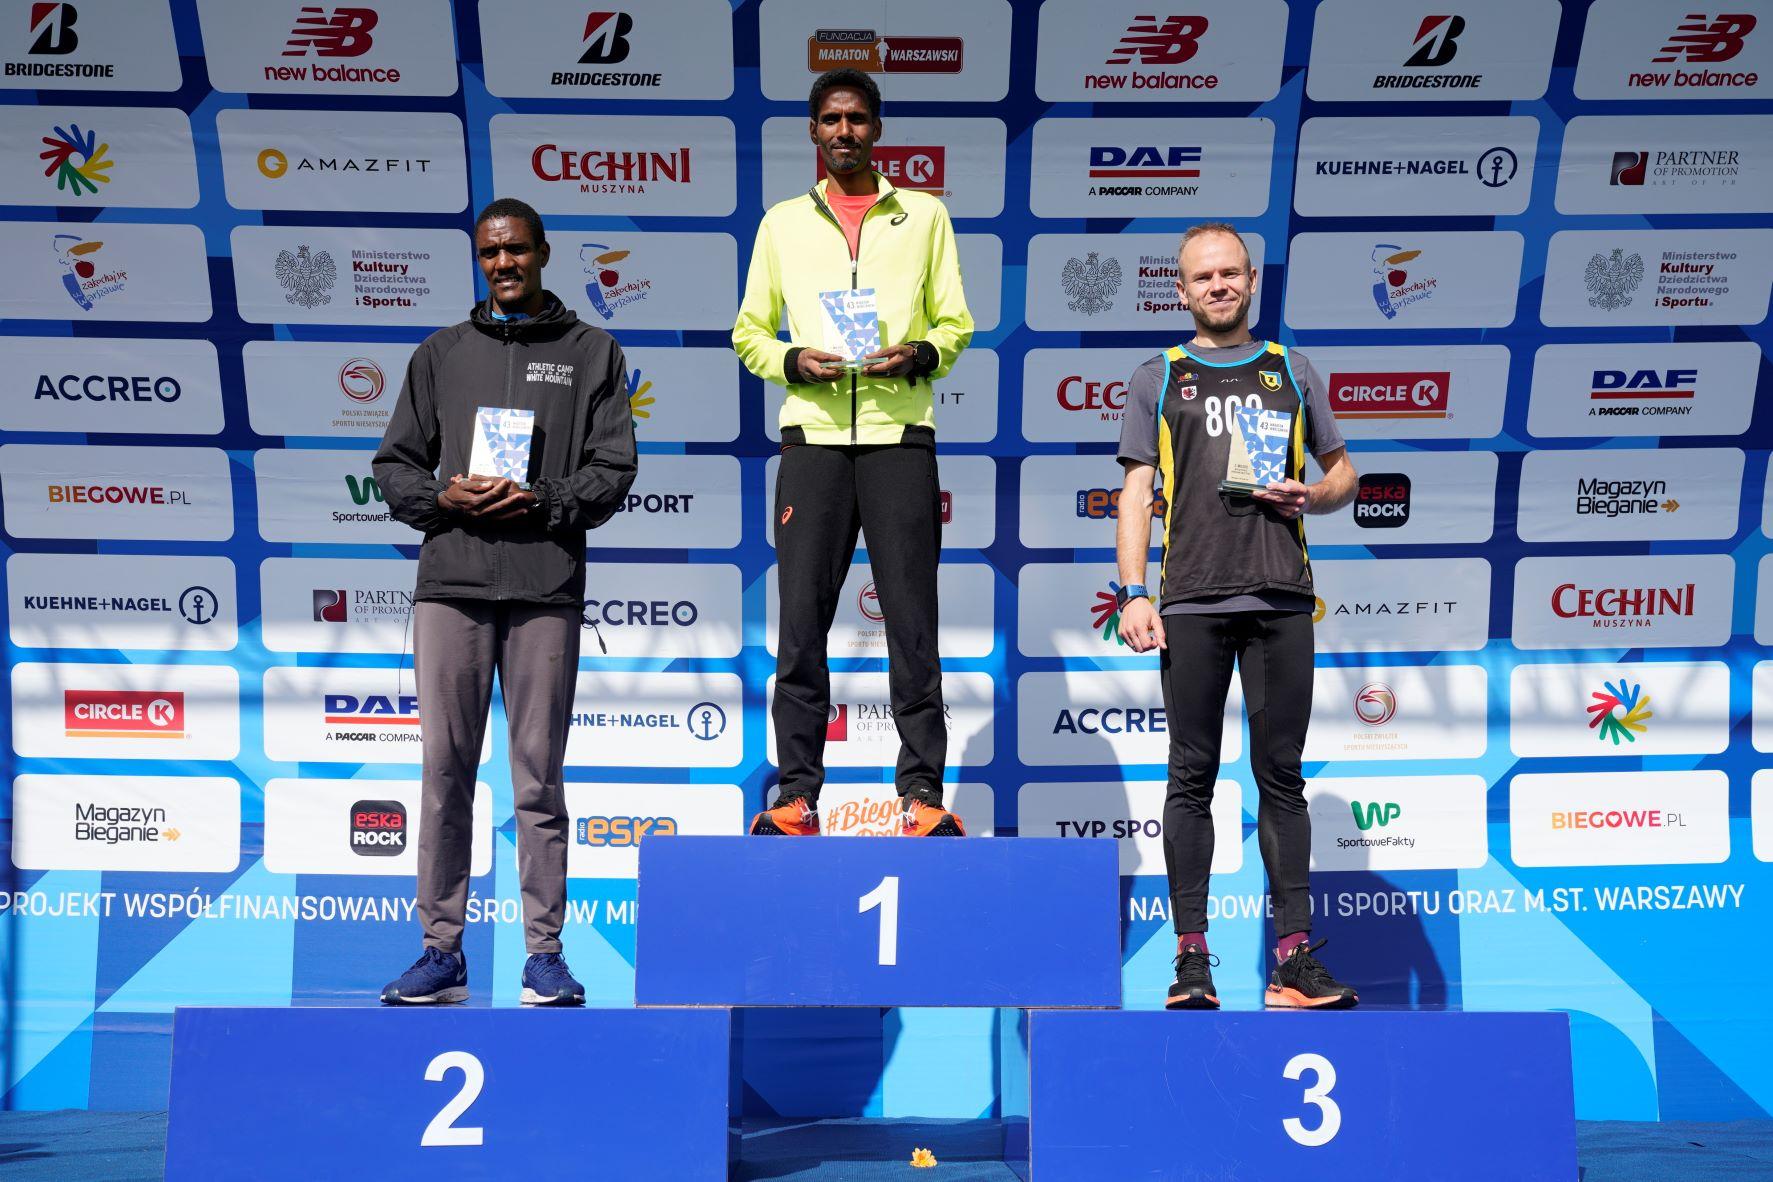 Yared Shegumo i Monika Andrzejczak zwyciężyli w warszawskim maratonie!